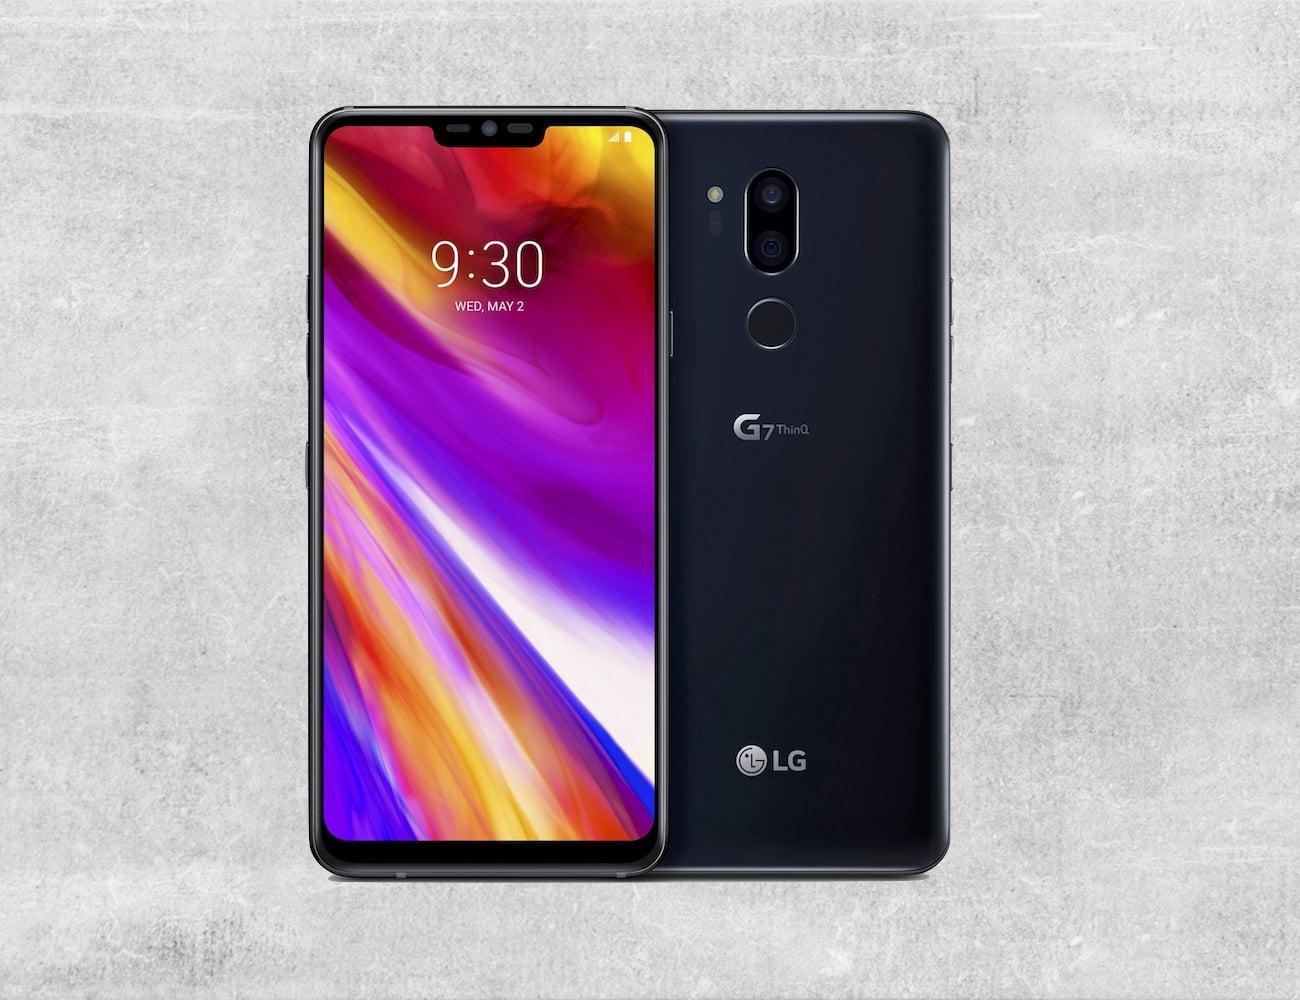 LG G7 ThinQ Boombox Speaker Smartphone